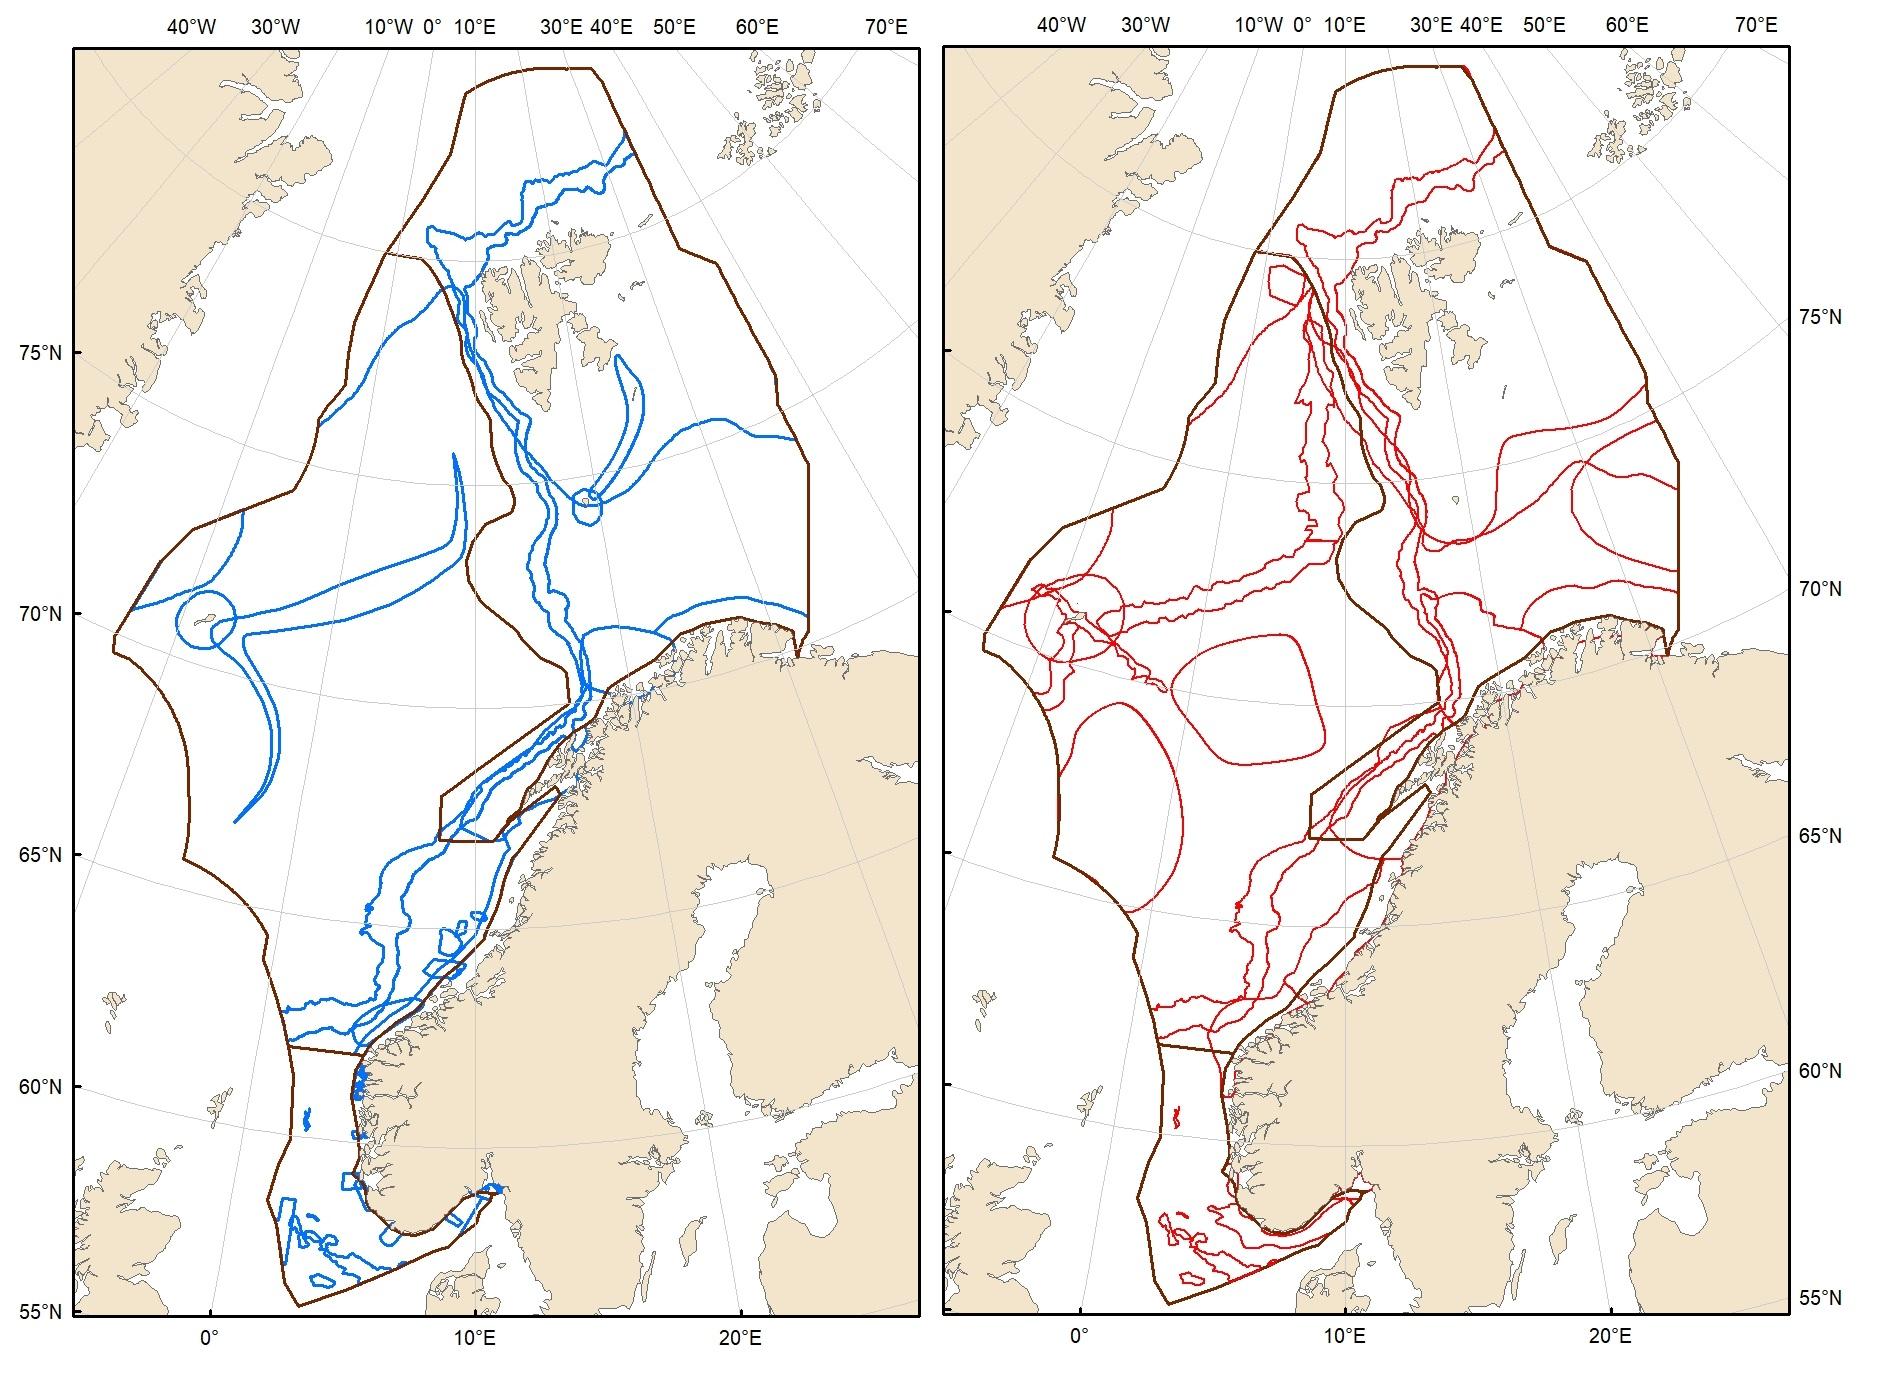 Kart som viser eksisterende og foreslåtte SVO-er i norske havområder.